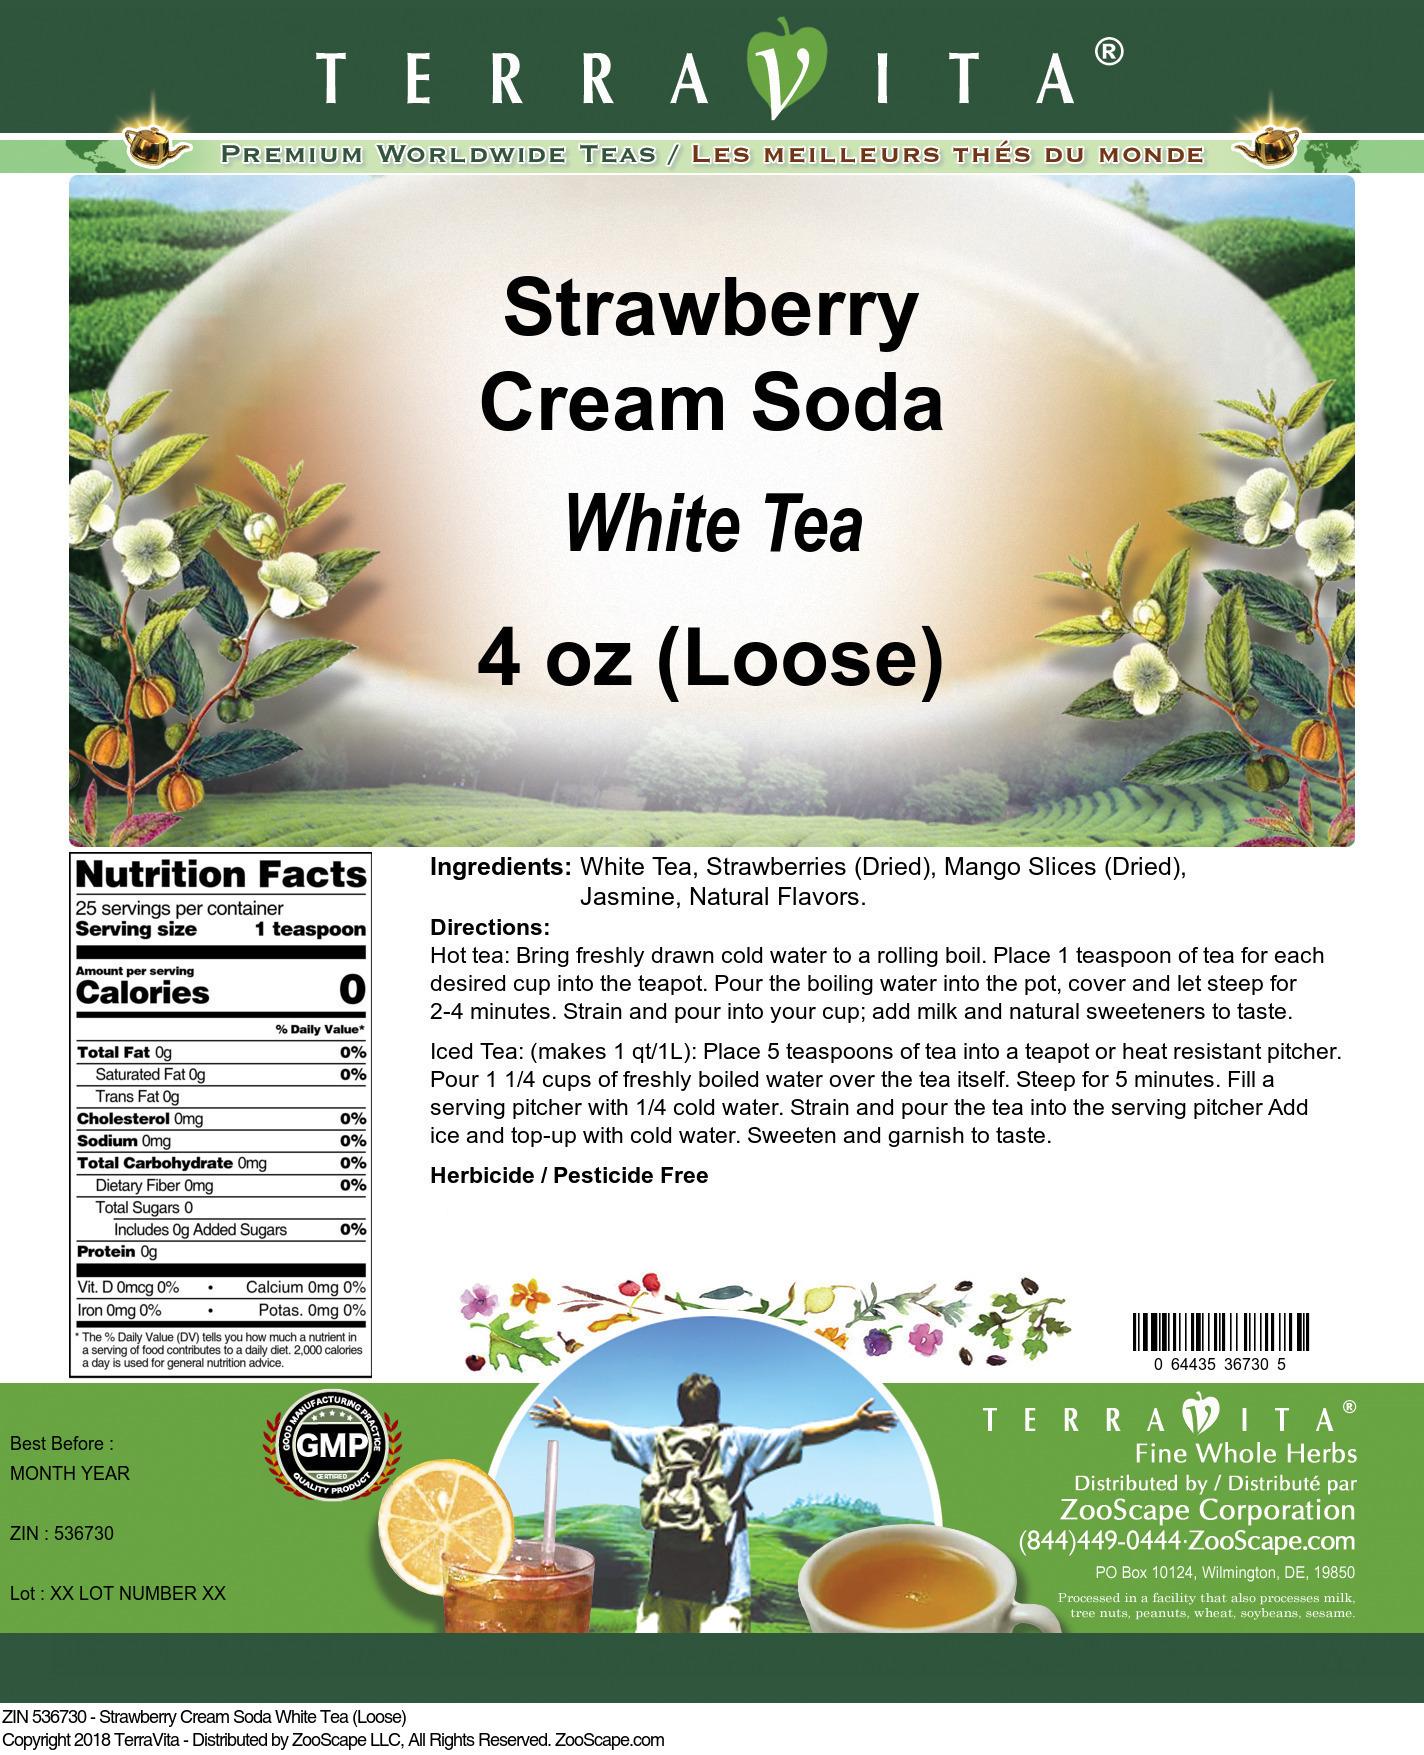 Strawberry Cream Soda White Tea (Loose)